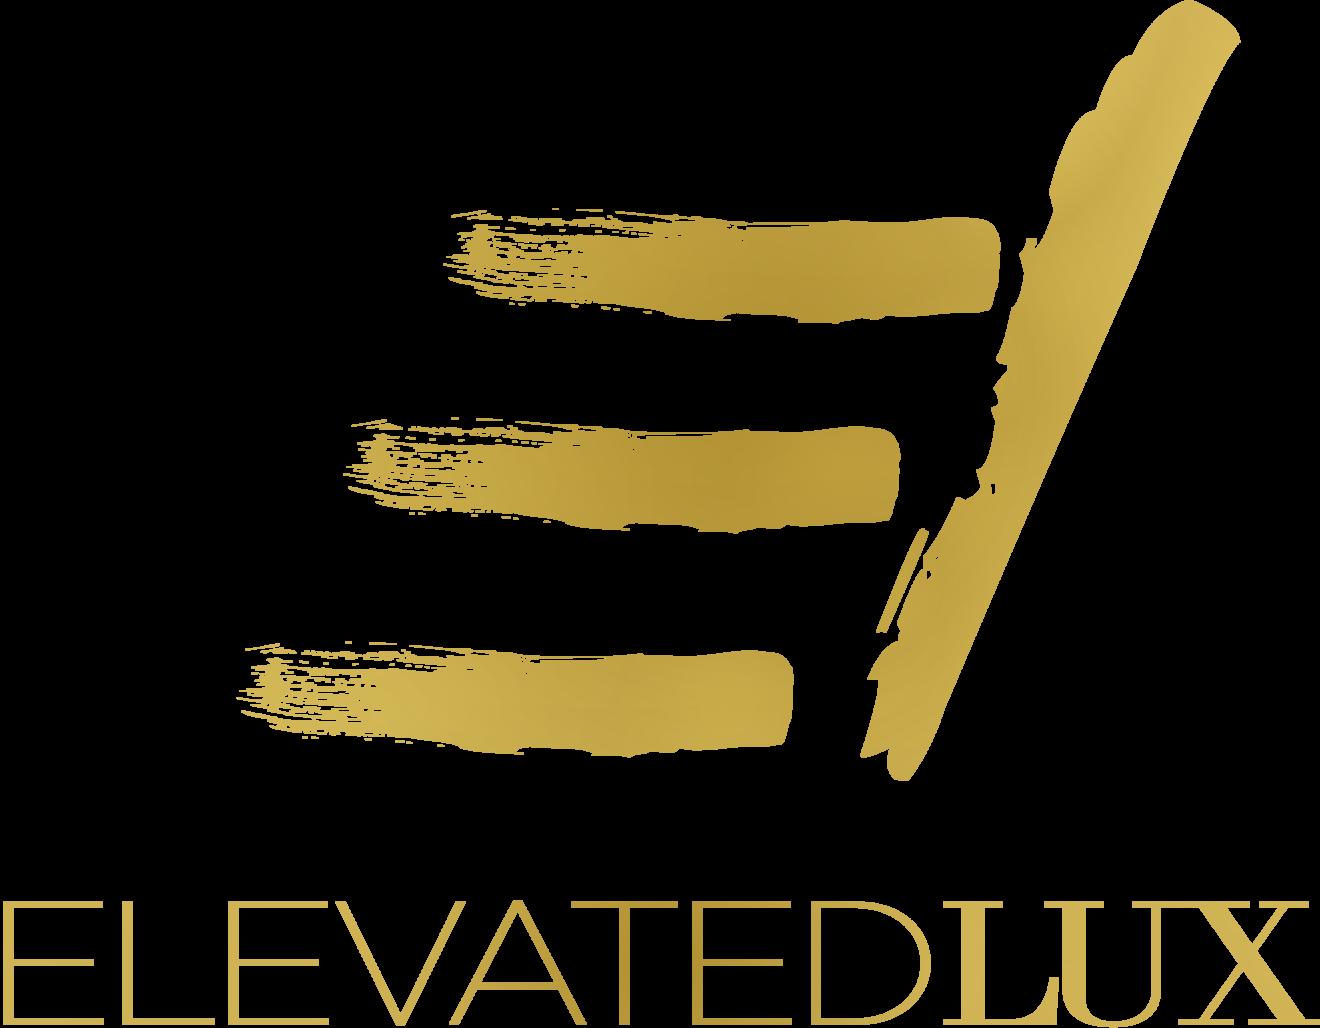 ElevatedLux